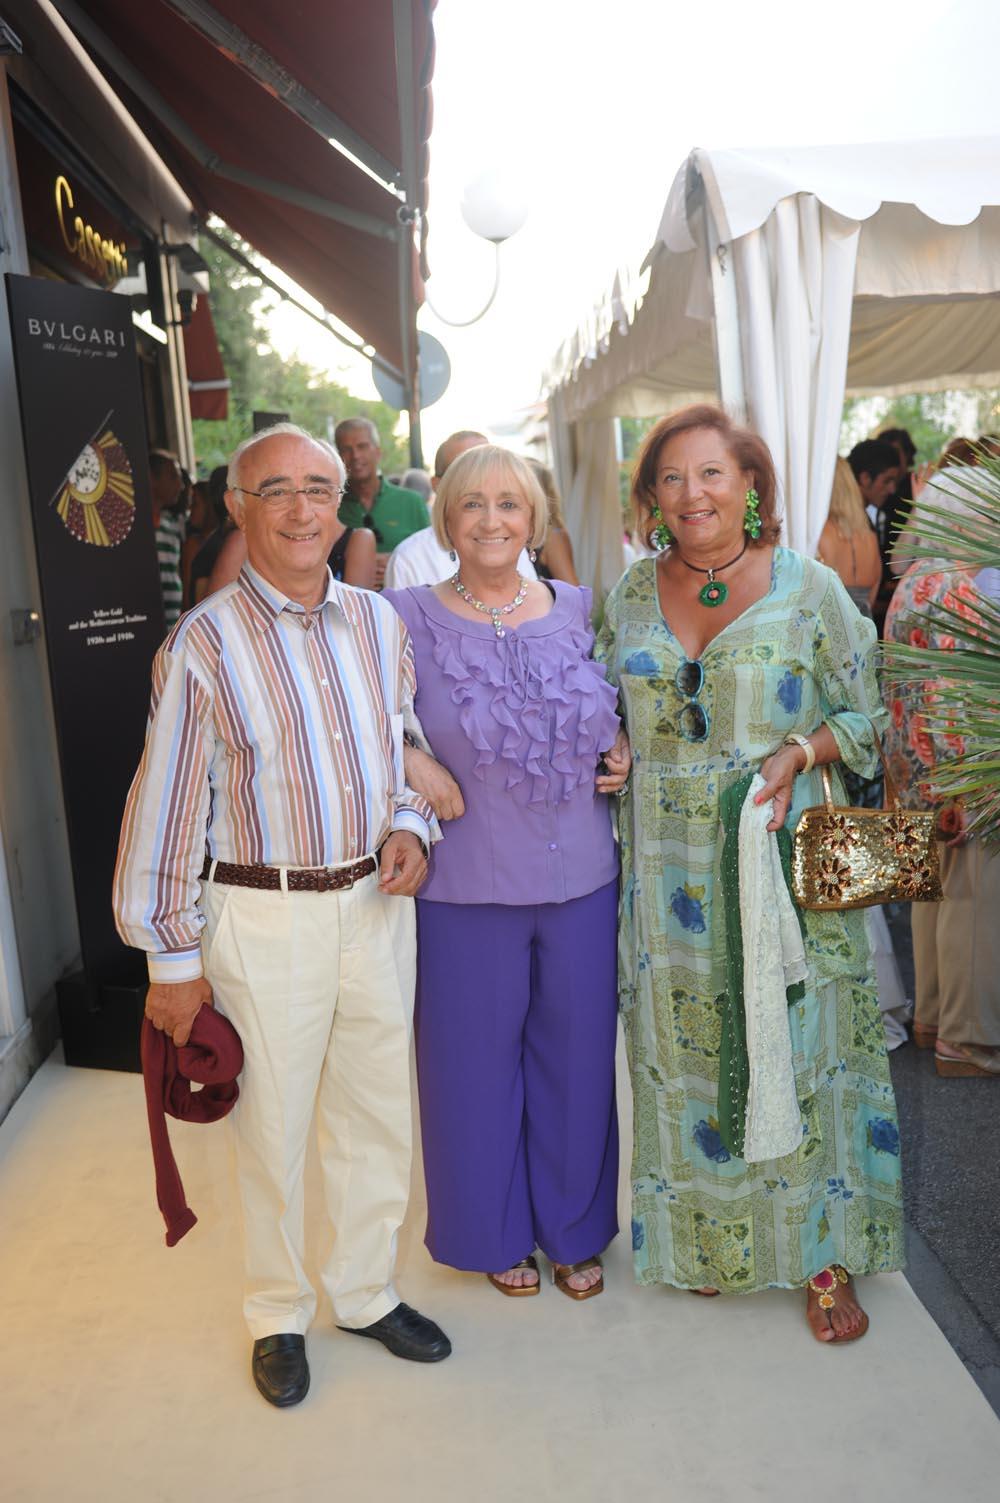 Forte dei Marmi  19 luglio 20009  festa e sfilata Bulgari da Cassetti  Andrea Calderazzi e Maria Antonietta Longo